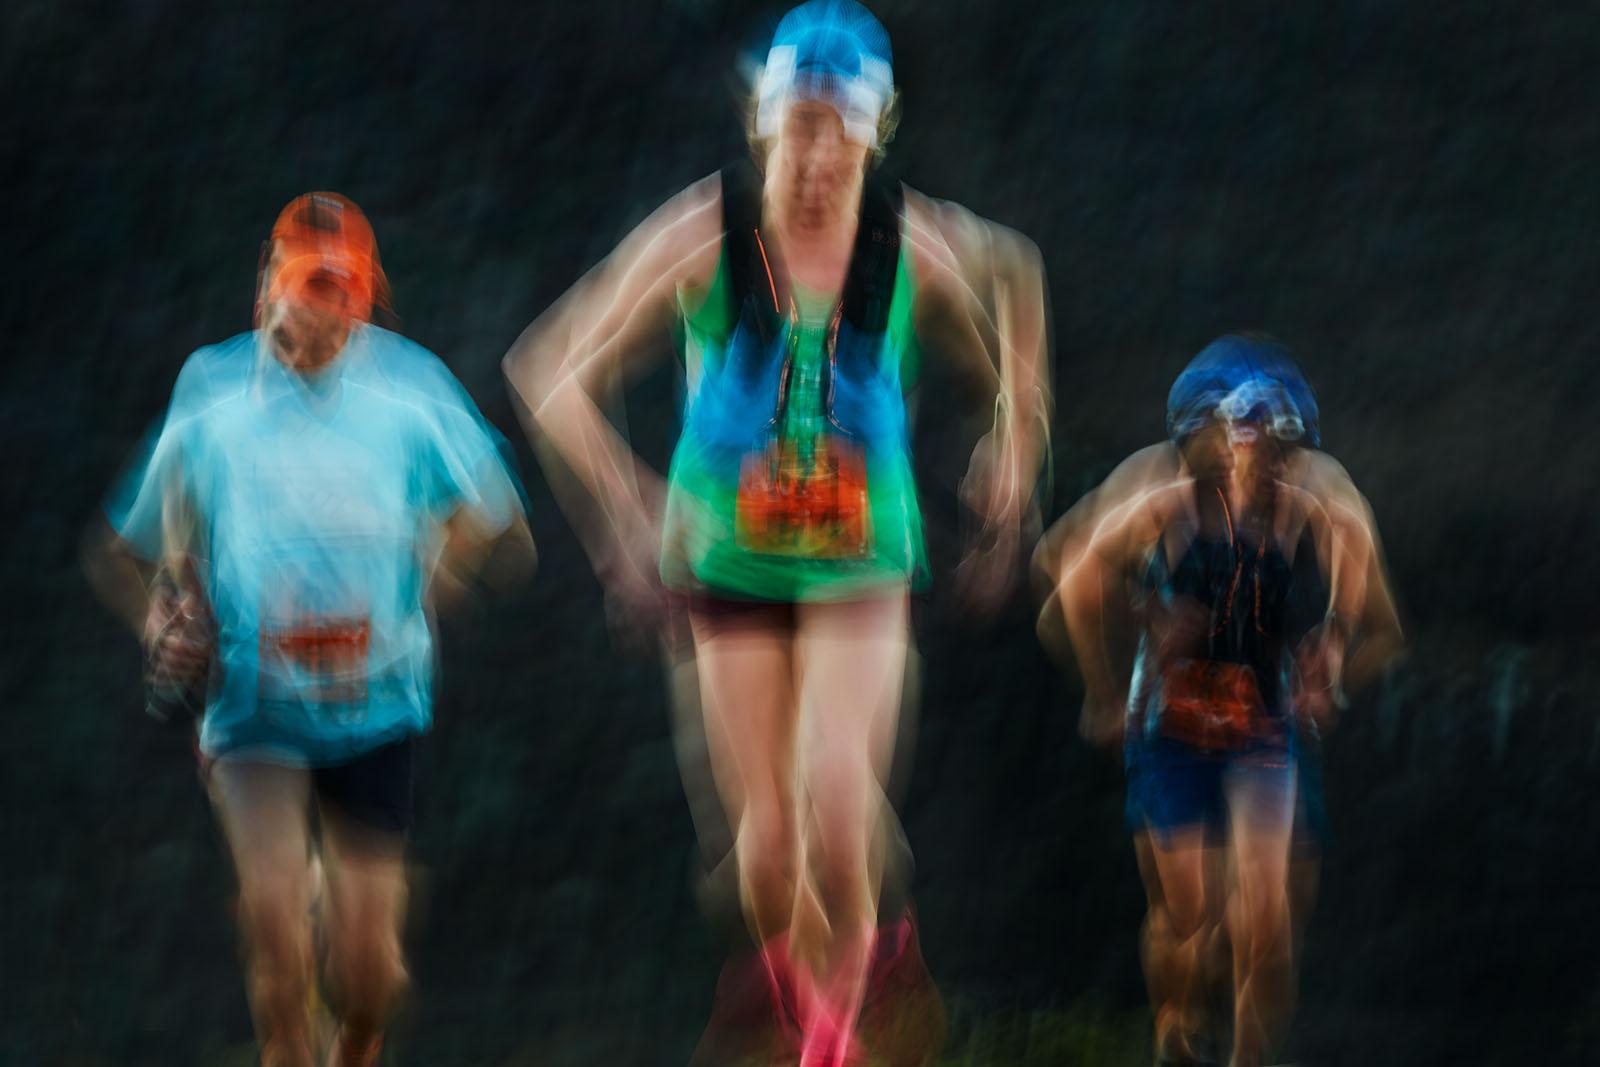 TEST-endurance-1 143.jpg